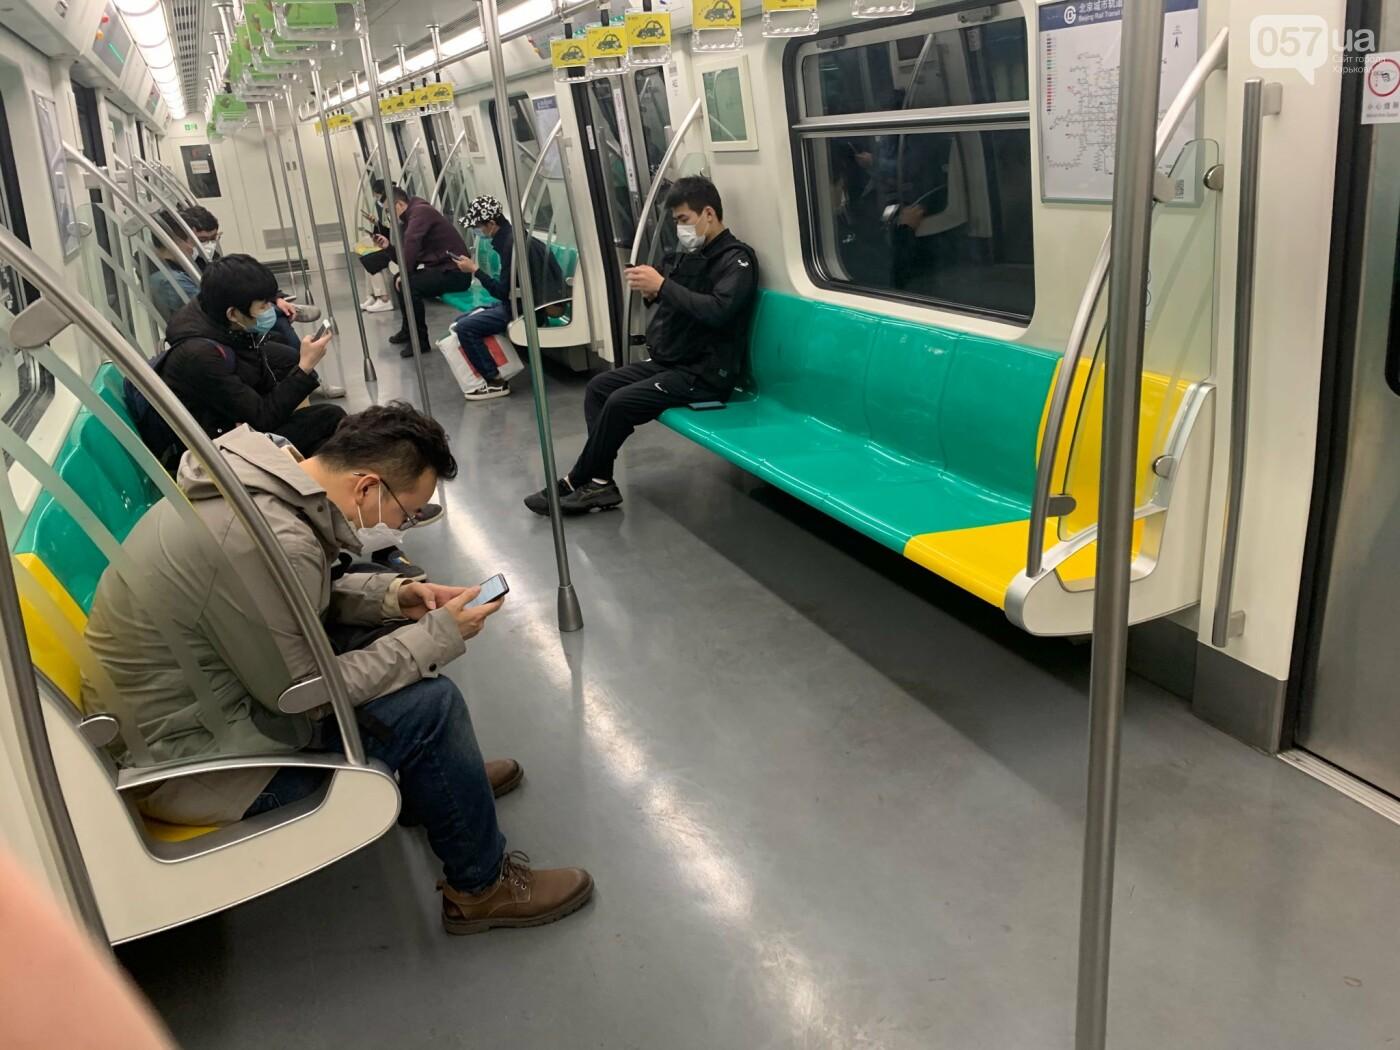 Вагон метро изнутри. Людей мало по сравнению с обычным временем, но уже больше, чем пару недель назад